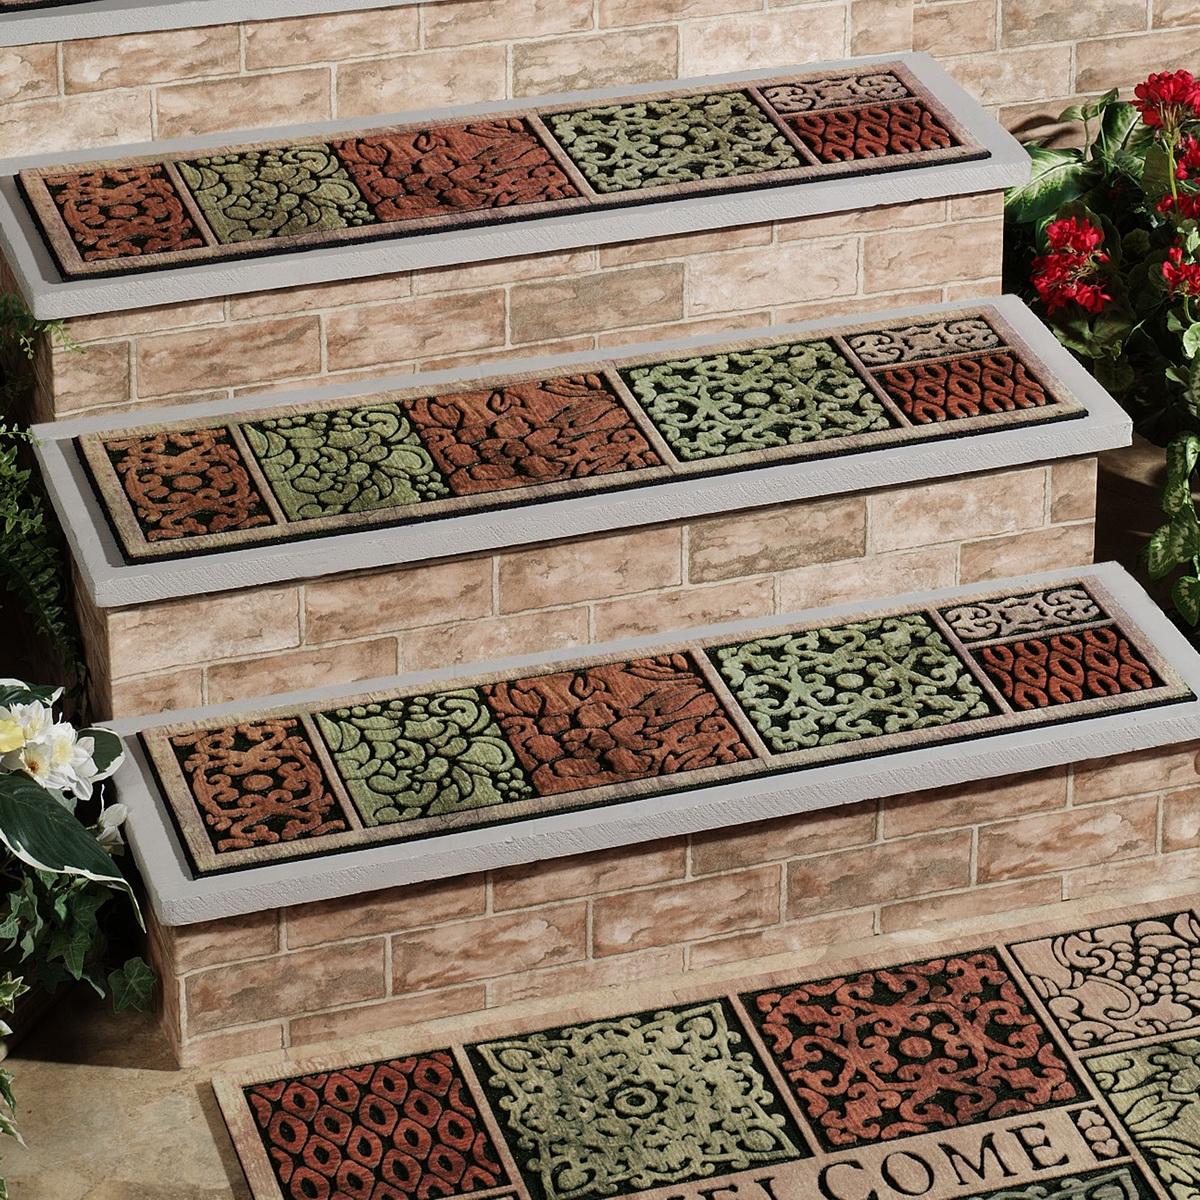 Ideas Cheap Carpet Stair Treads Image Cheap Carpet Stair Treads With Stair Tread Rugs Outdoor (#7 of 20)